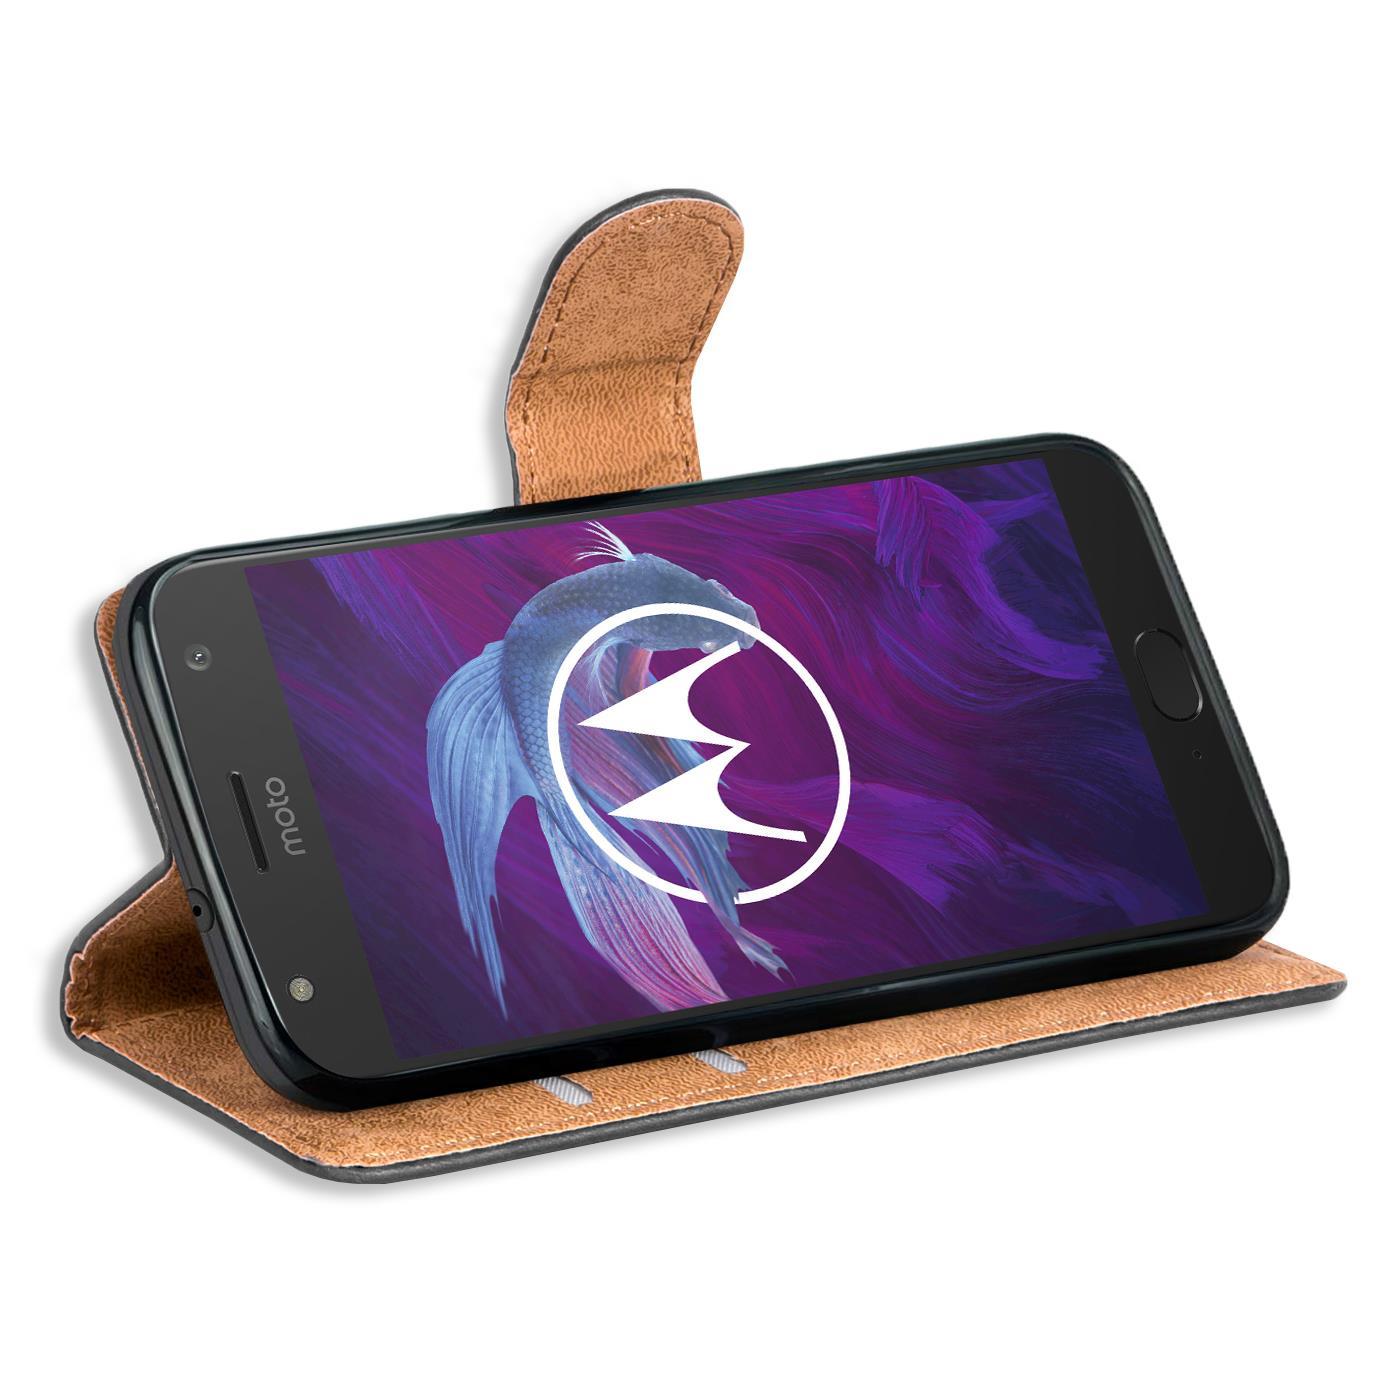 Book-Case-fuer-Motorola-Moto-X4-Huelle-Tasche-Flip-Cover-Handy-Schutz-Huelle Indexbild 10